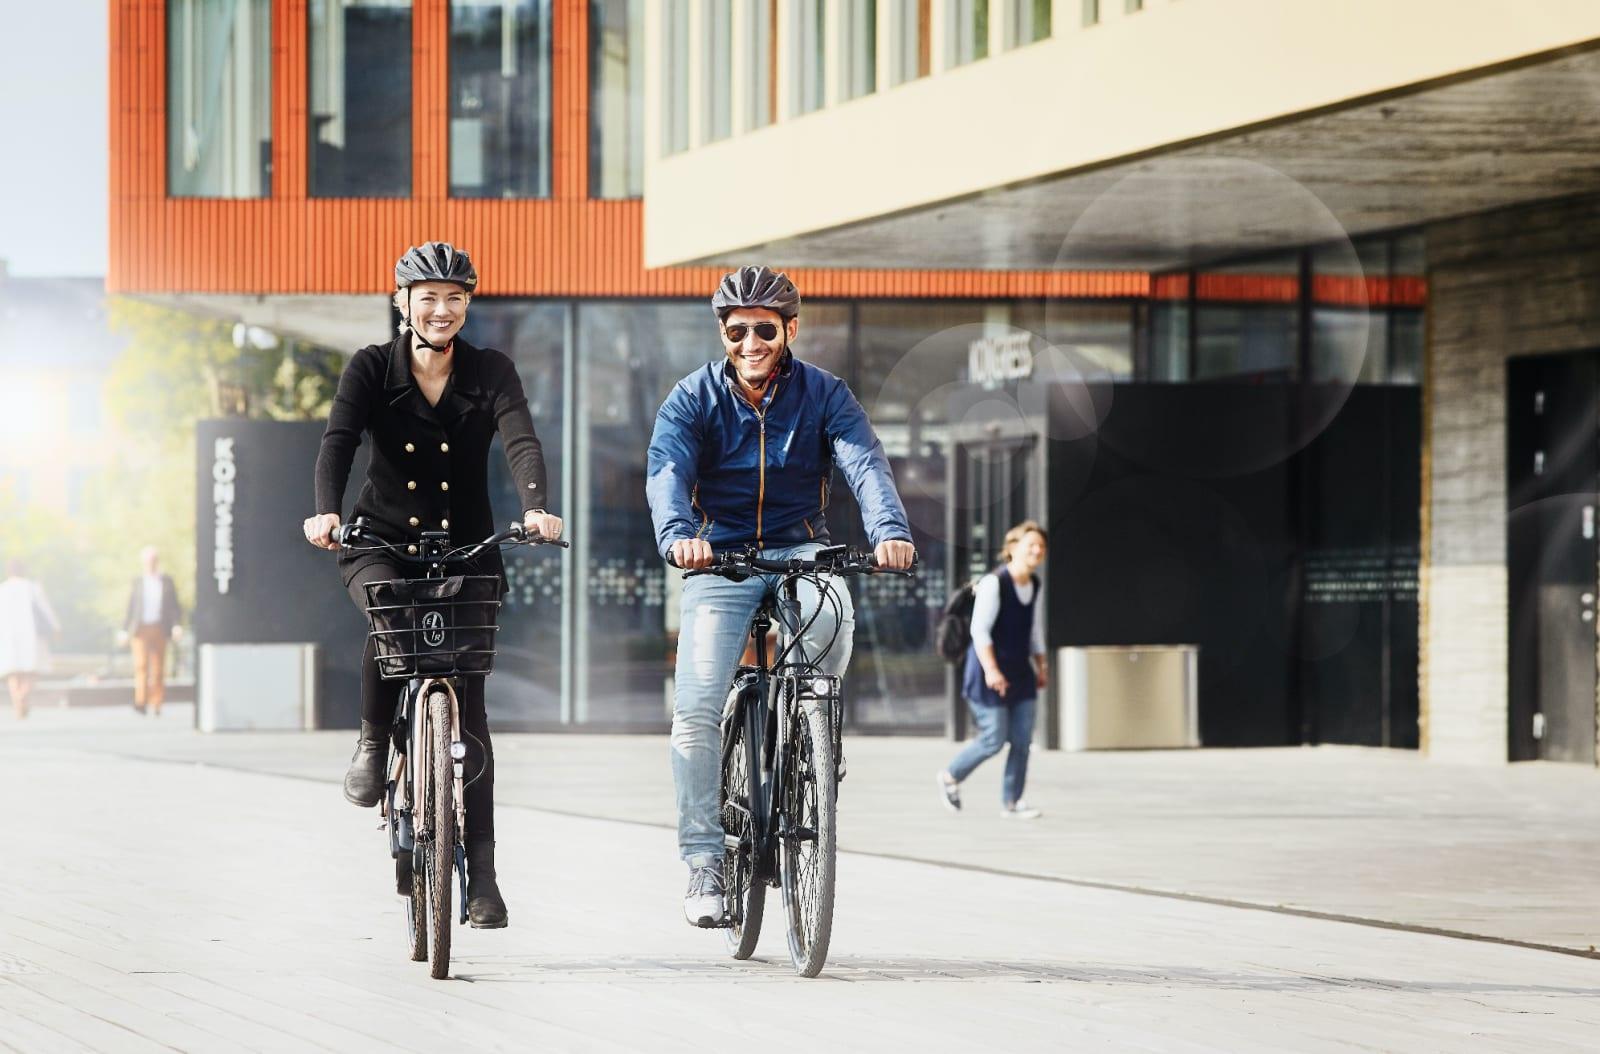 UANSTRENGT: Med en motor går det lett å velge sykkel om du skal ut. Foto: Ecoride